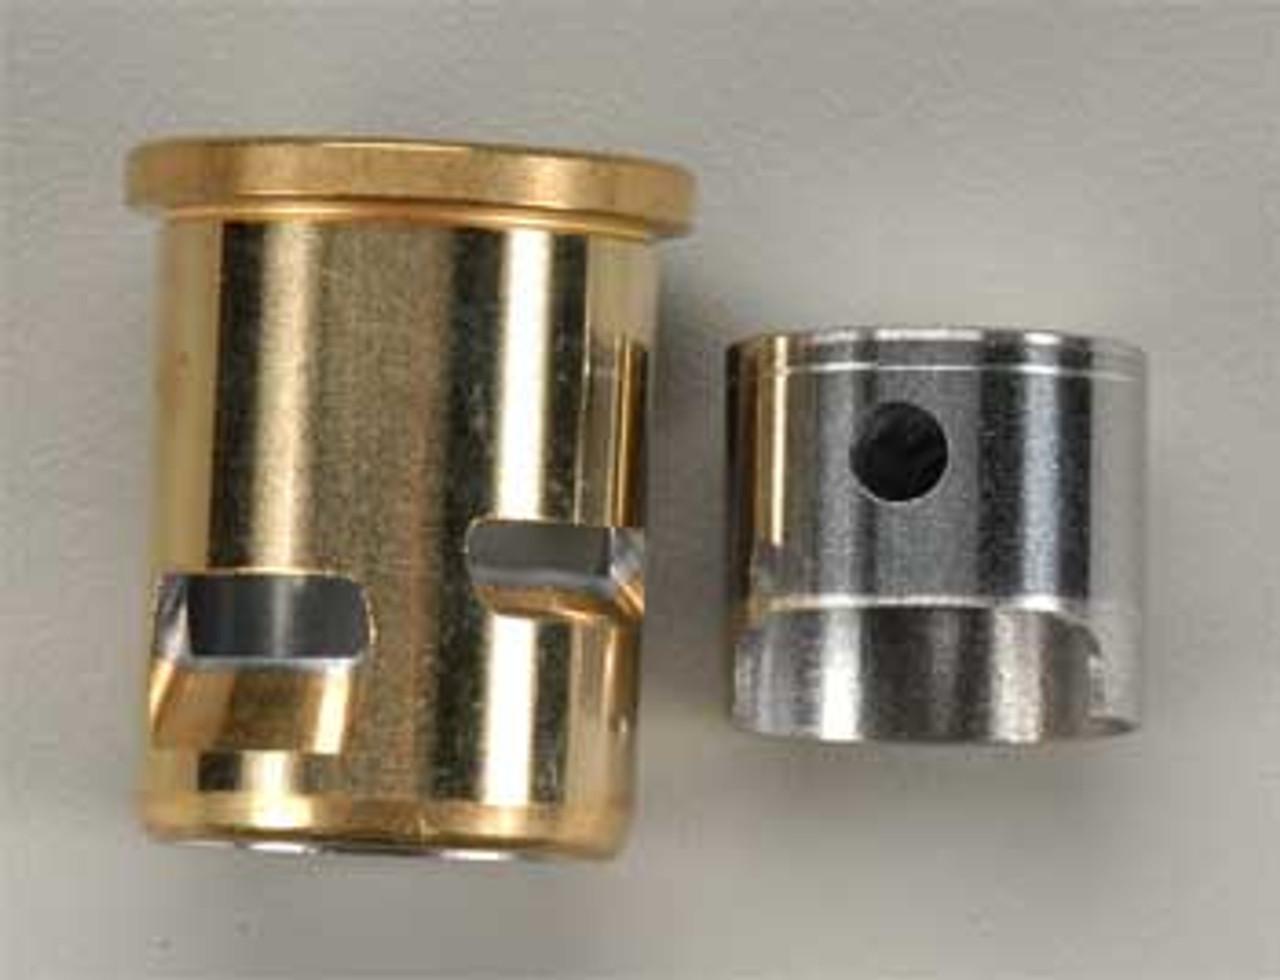 TRX 3.3 Traxxas Wrist Pin 5291 2 Wrist Pin Clips